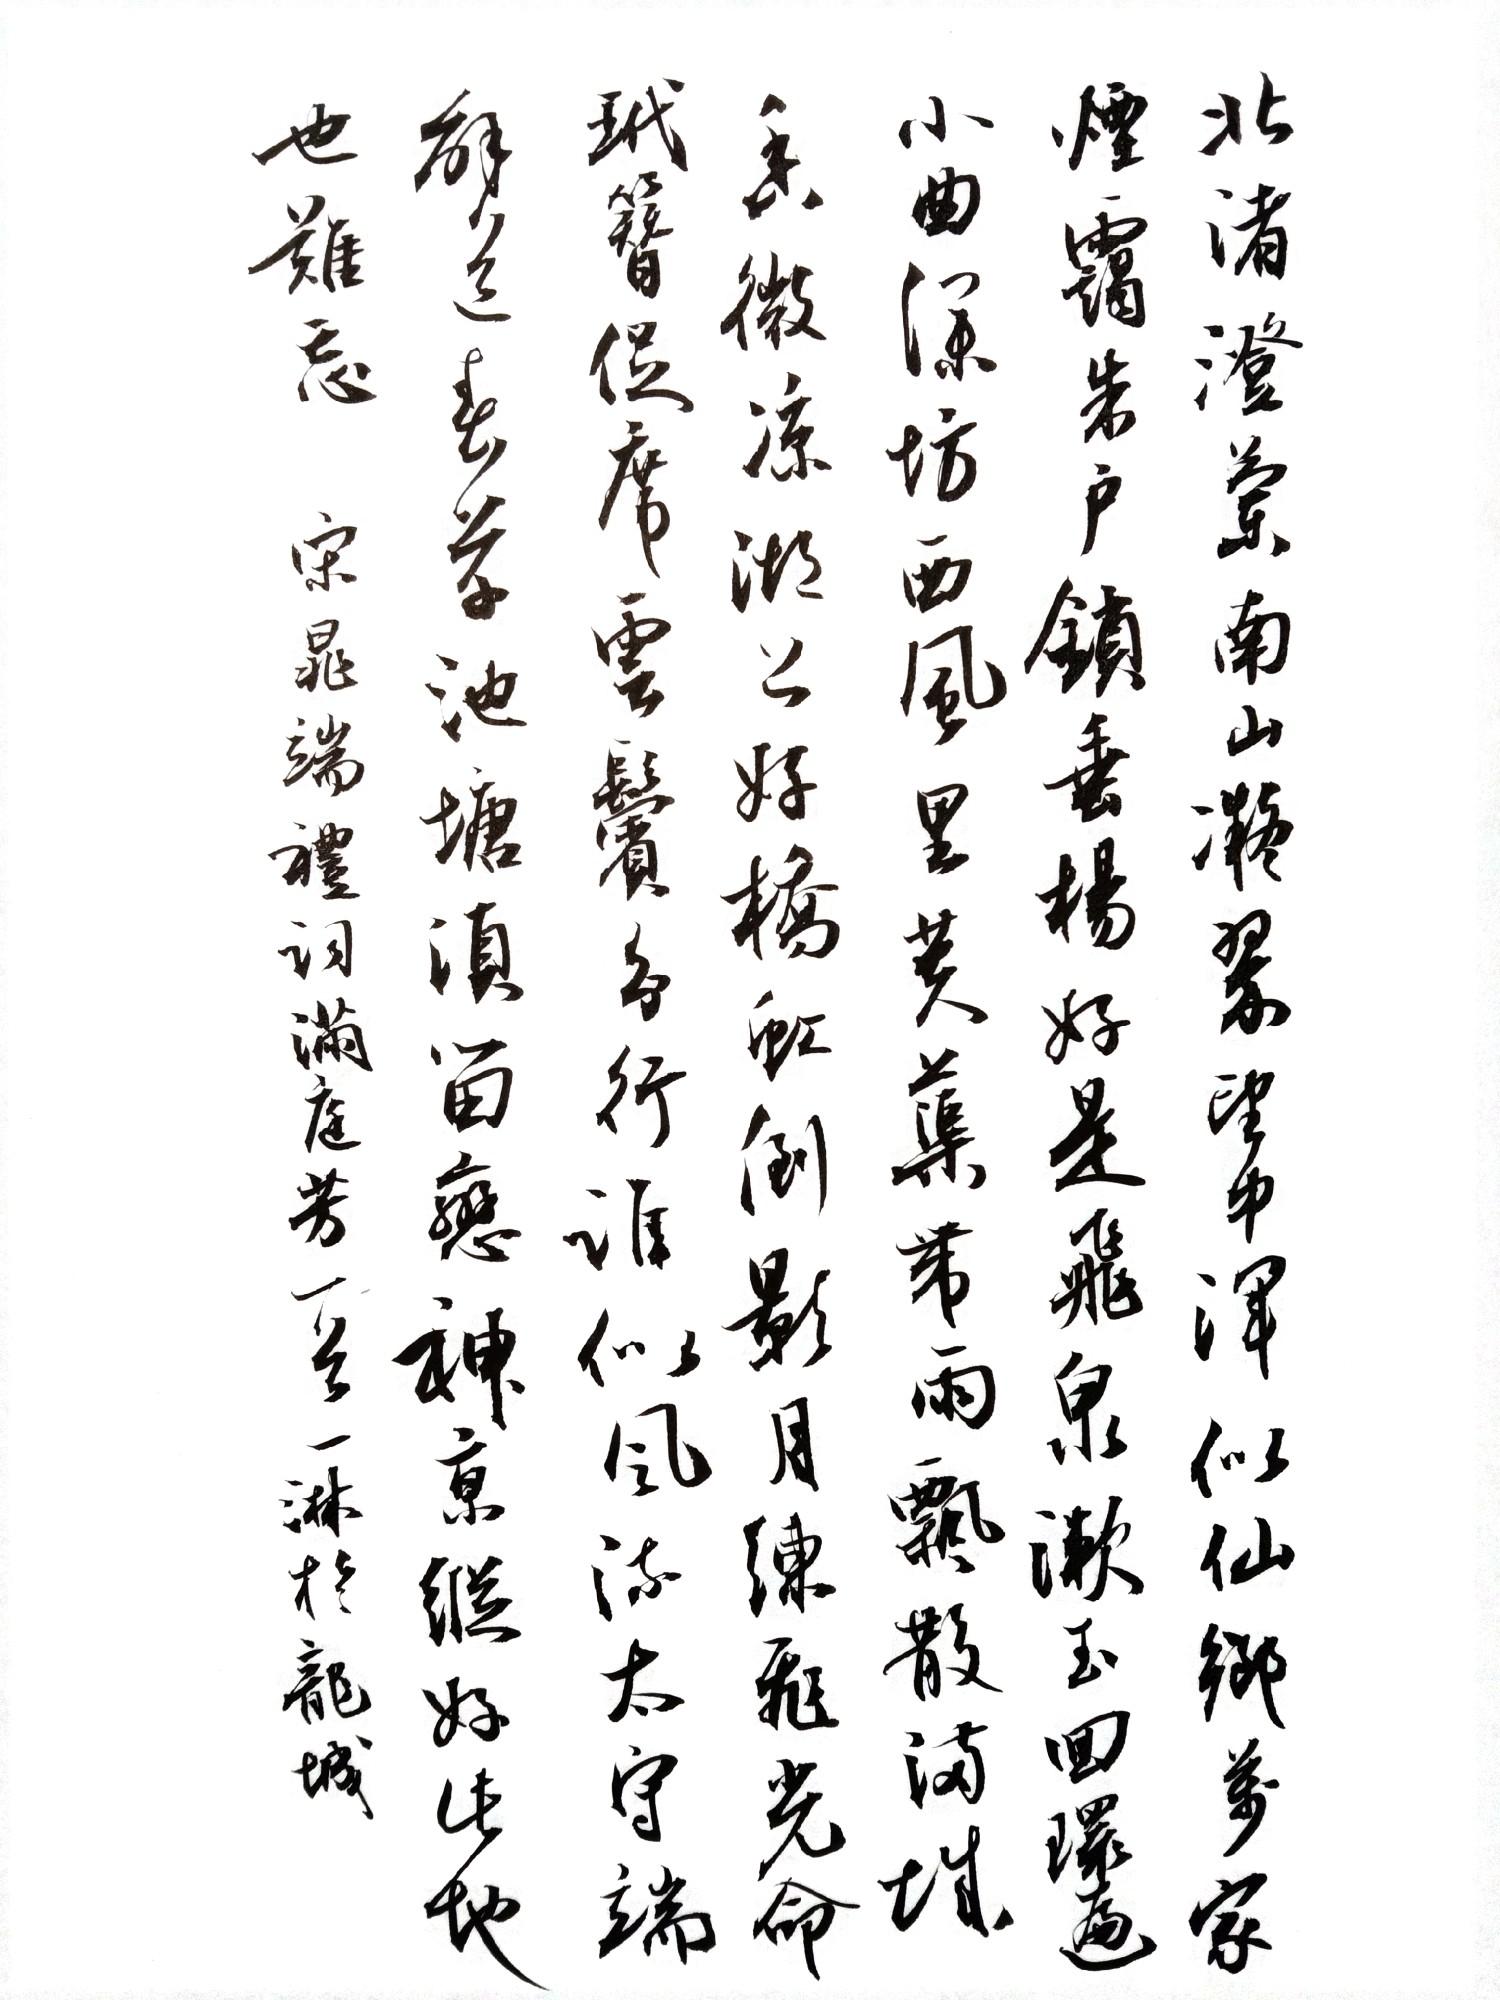 钢笔爱好者练字打卡20210330-17